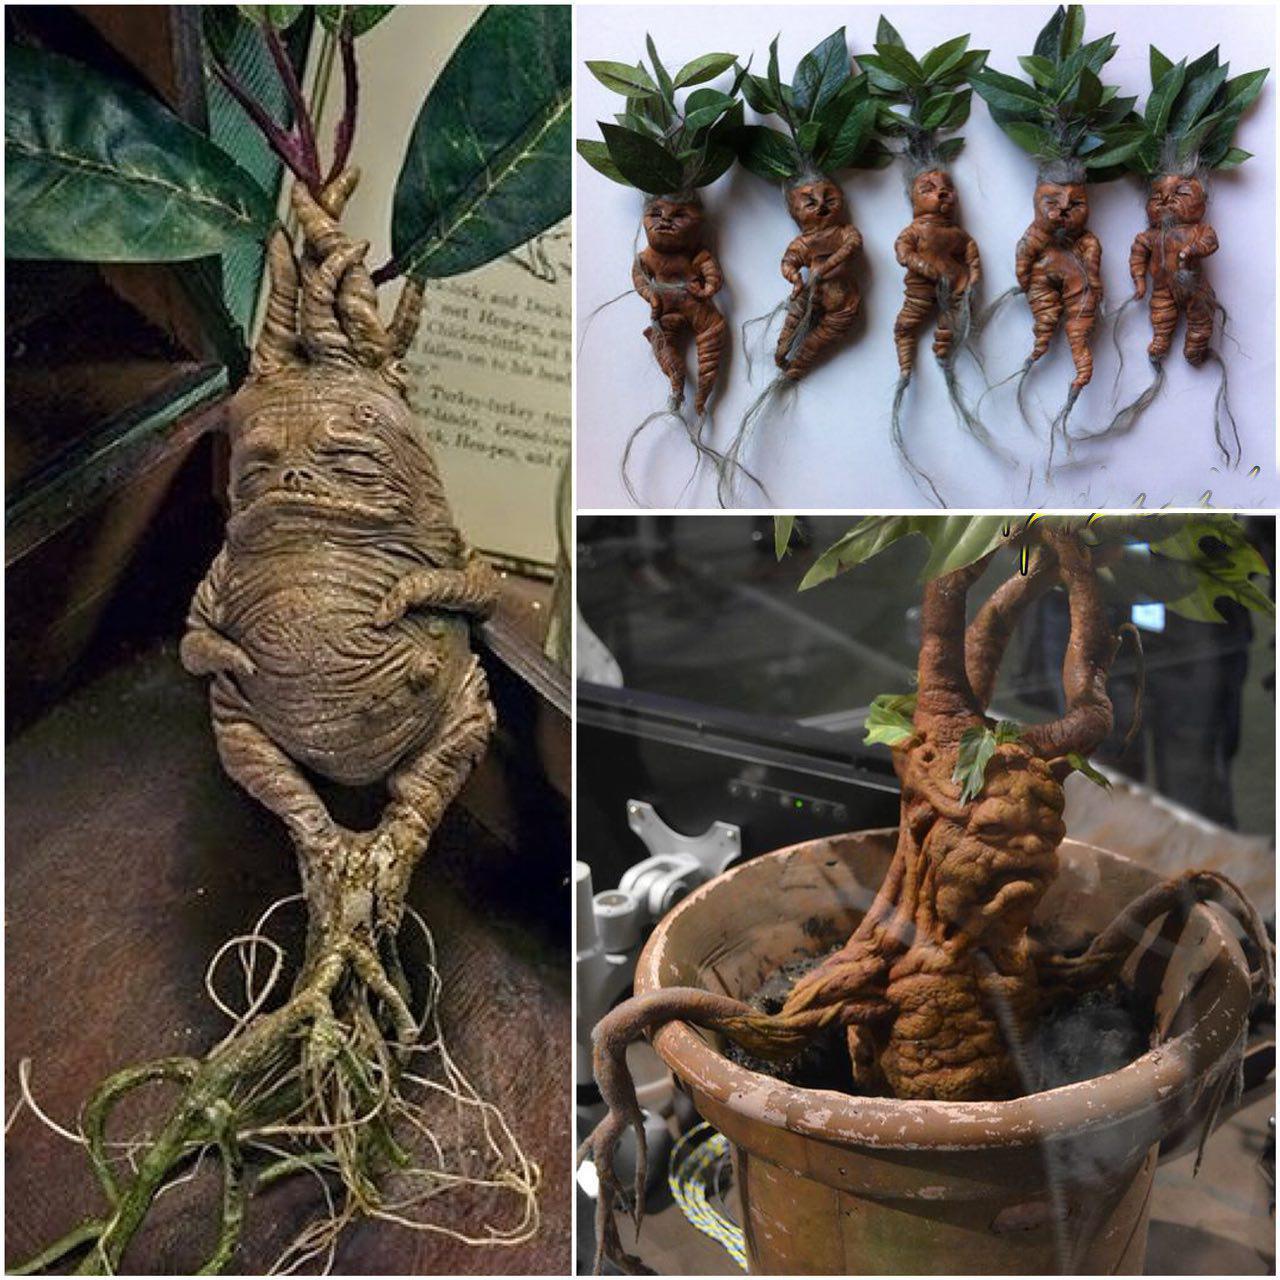 گیاهی که ریشه ای شبیه انسان دارد (عکس)